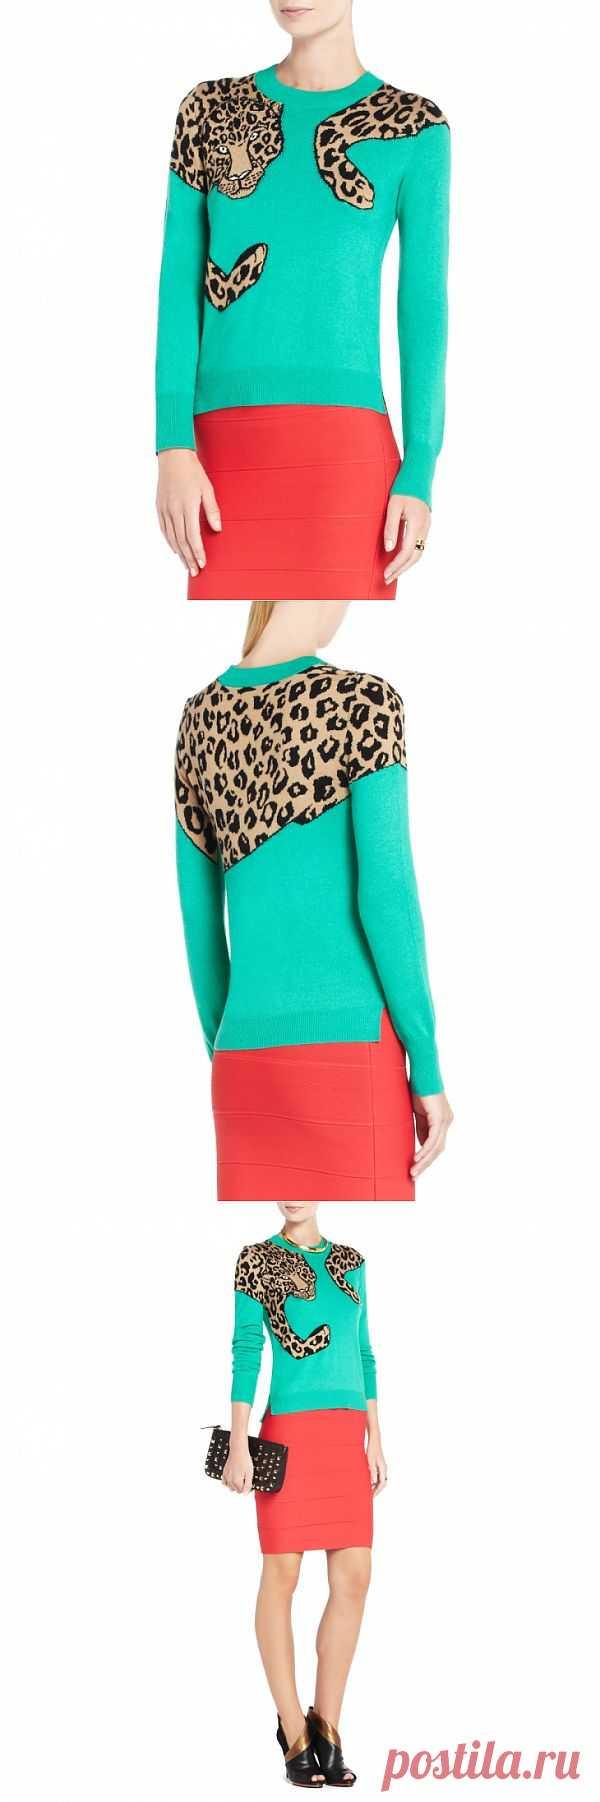 Объятия леопарда / Рисунки и надписи / Модный сайт о стильной переделке одежды и интерьера